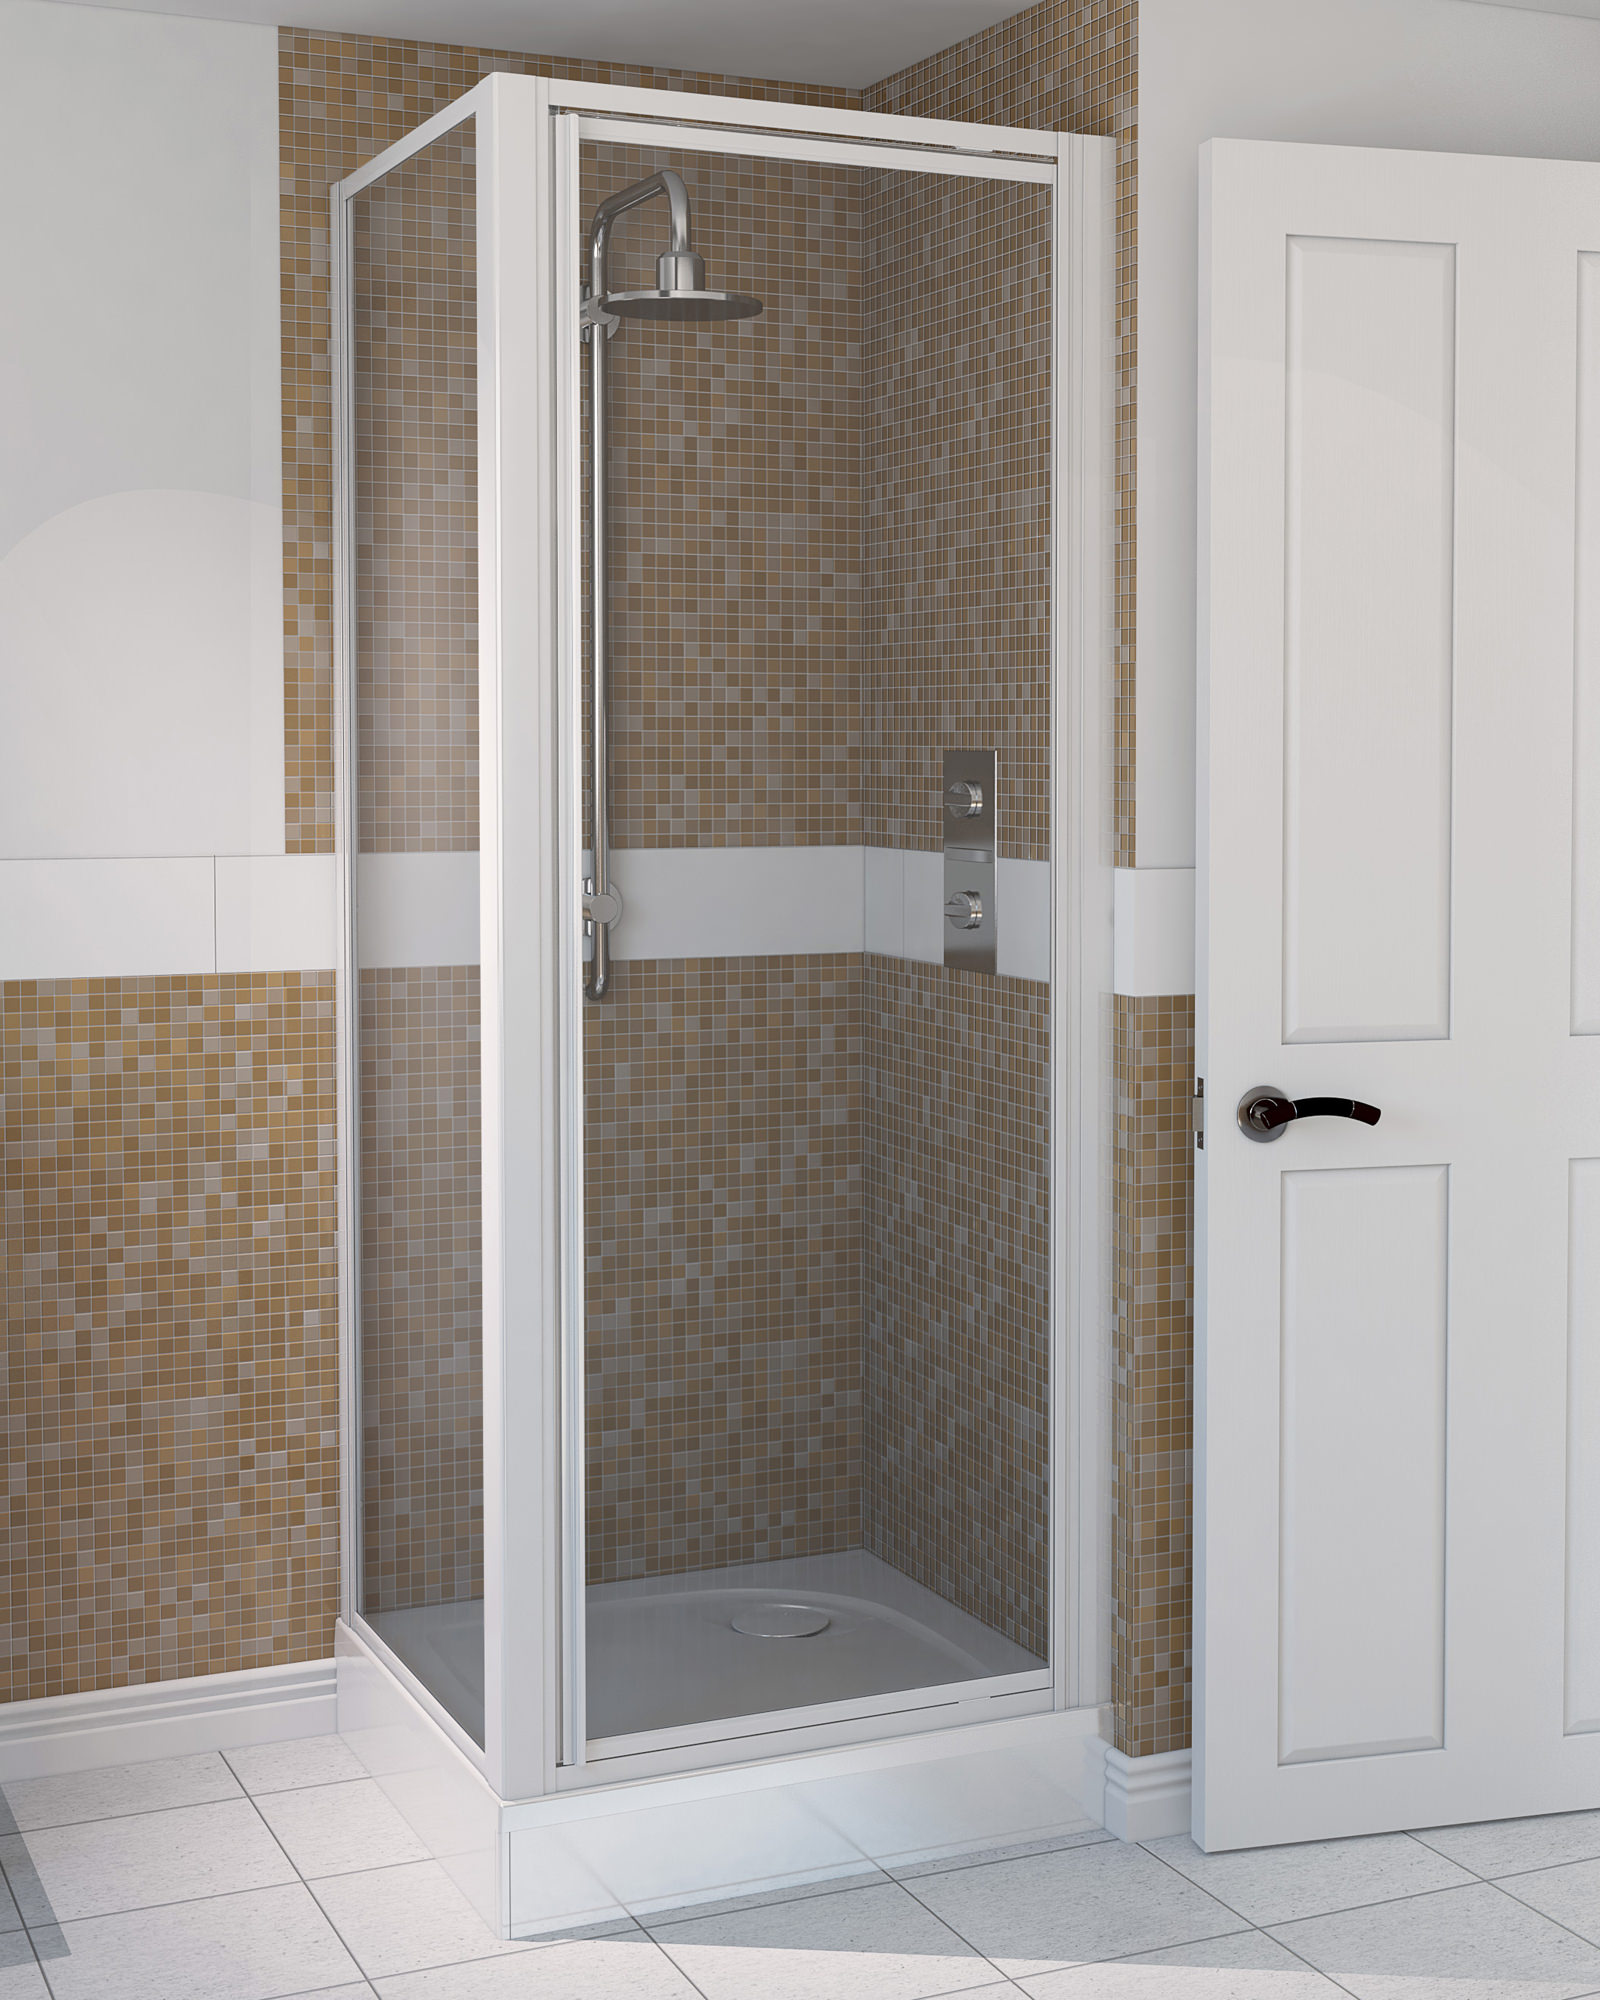 Aqualux Aqua 4 Pivot Shower Door 760mm White 1174005